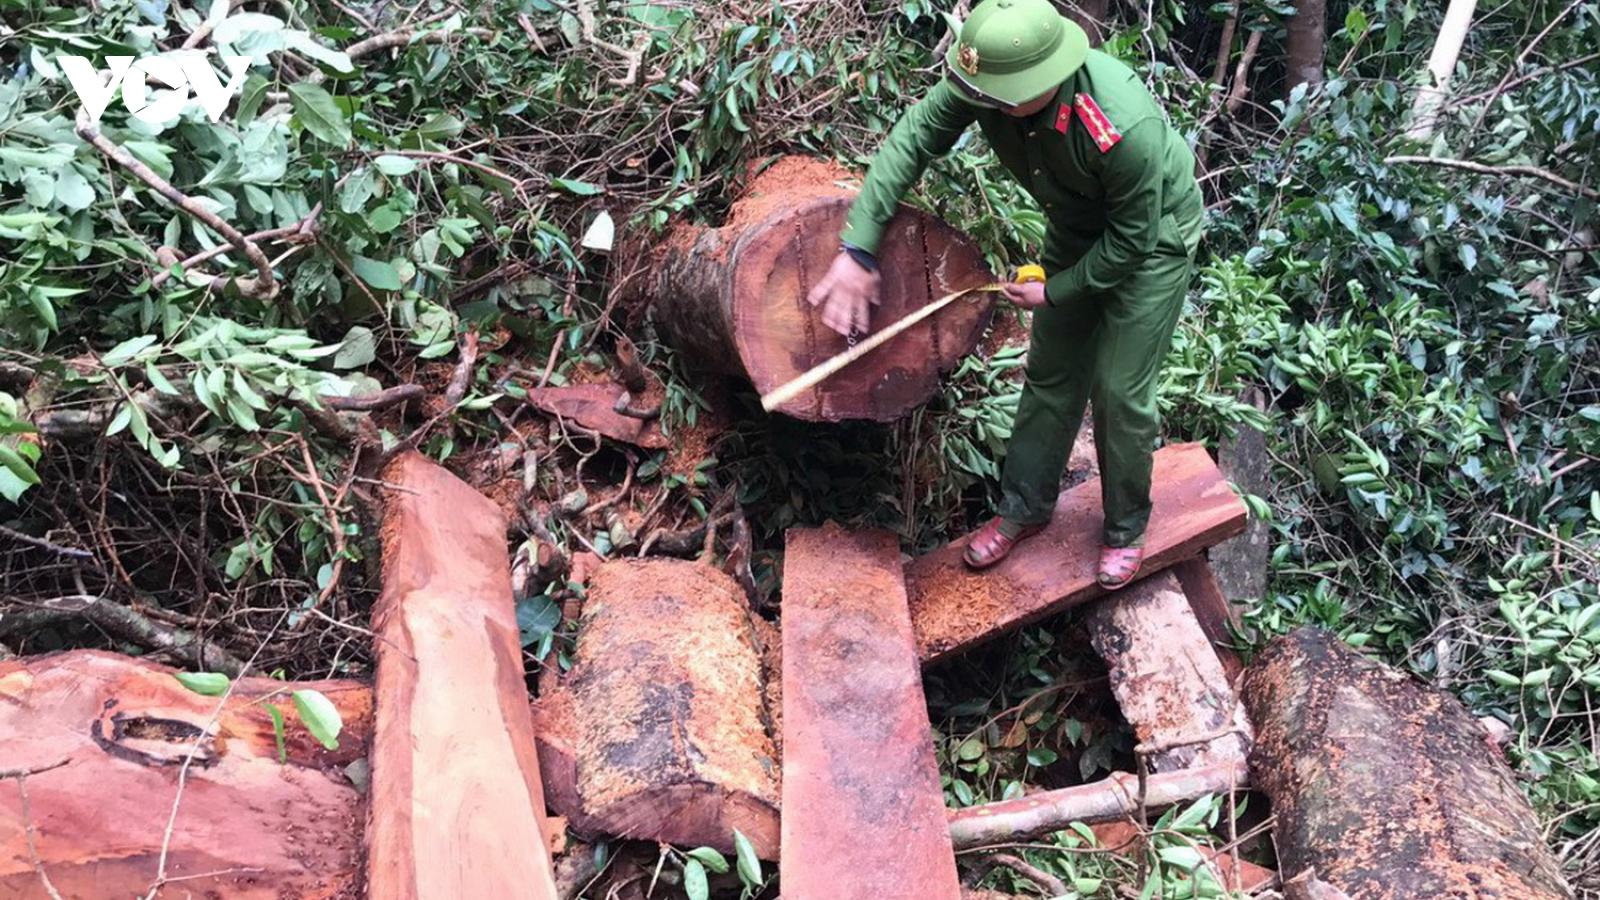 Tạm giữ hình sự 5 đối tượng liên quan đến vụ phá rừng quy mô lớn ở Quảng Bình